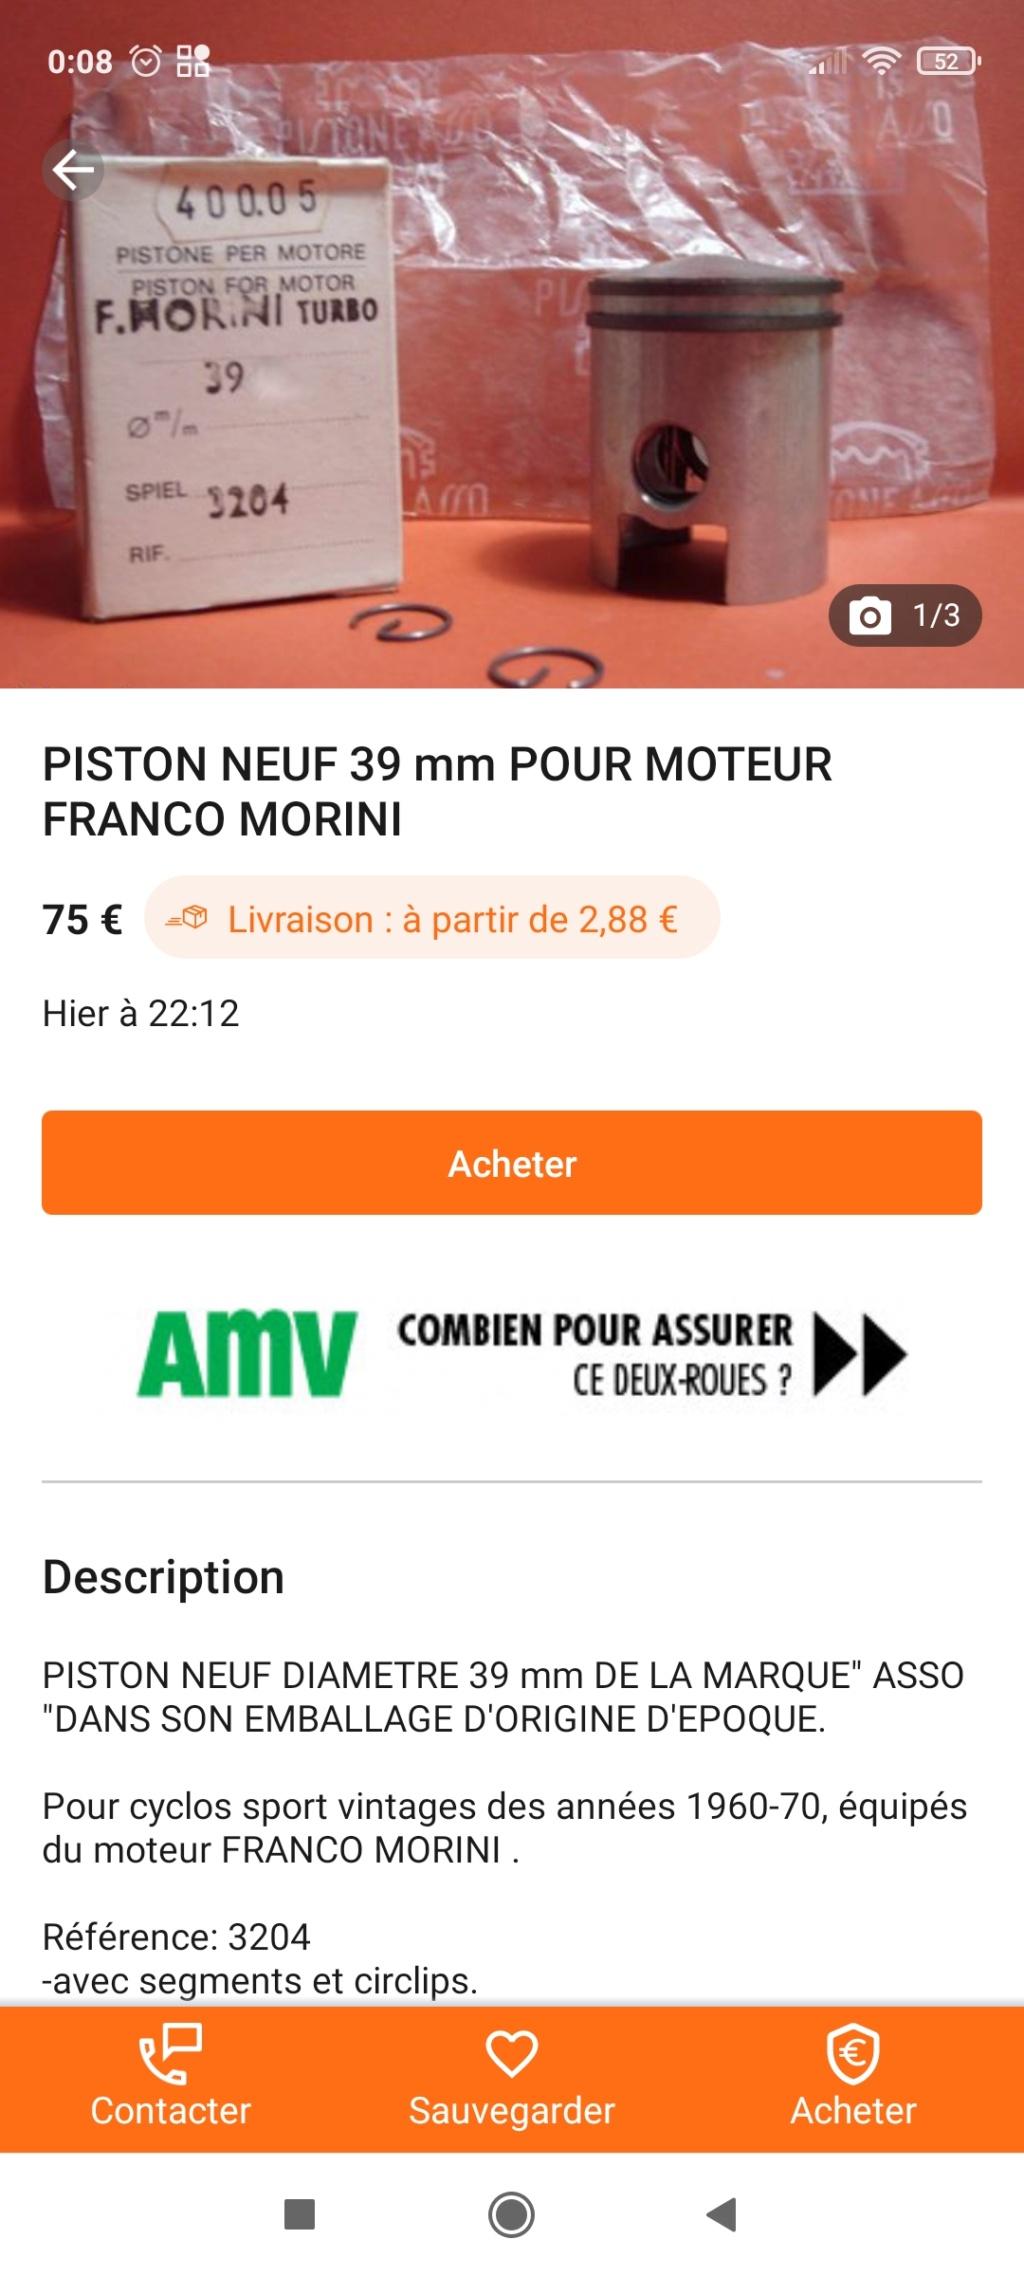 site piston morini franco Screen24